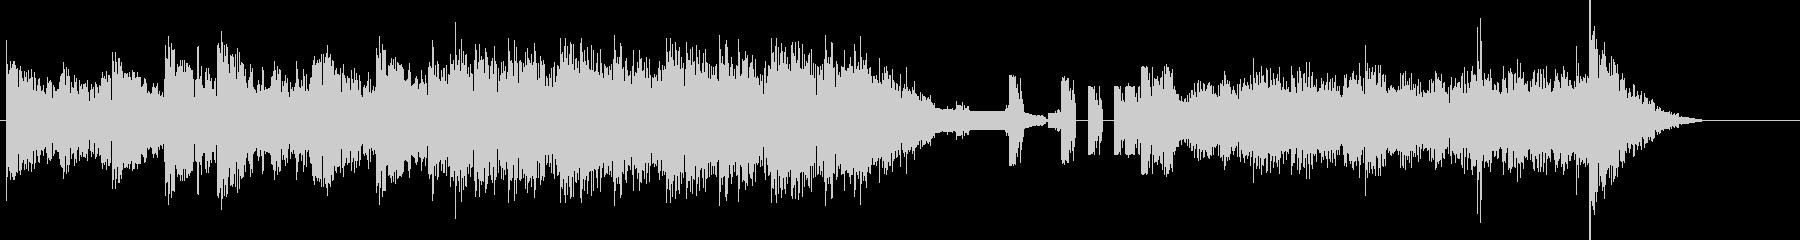 無機質かつ雄々しいBGMの未再生の波形